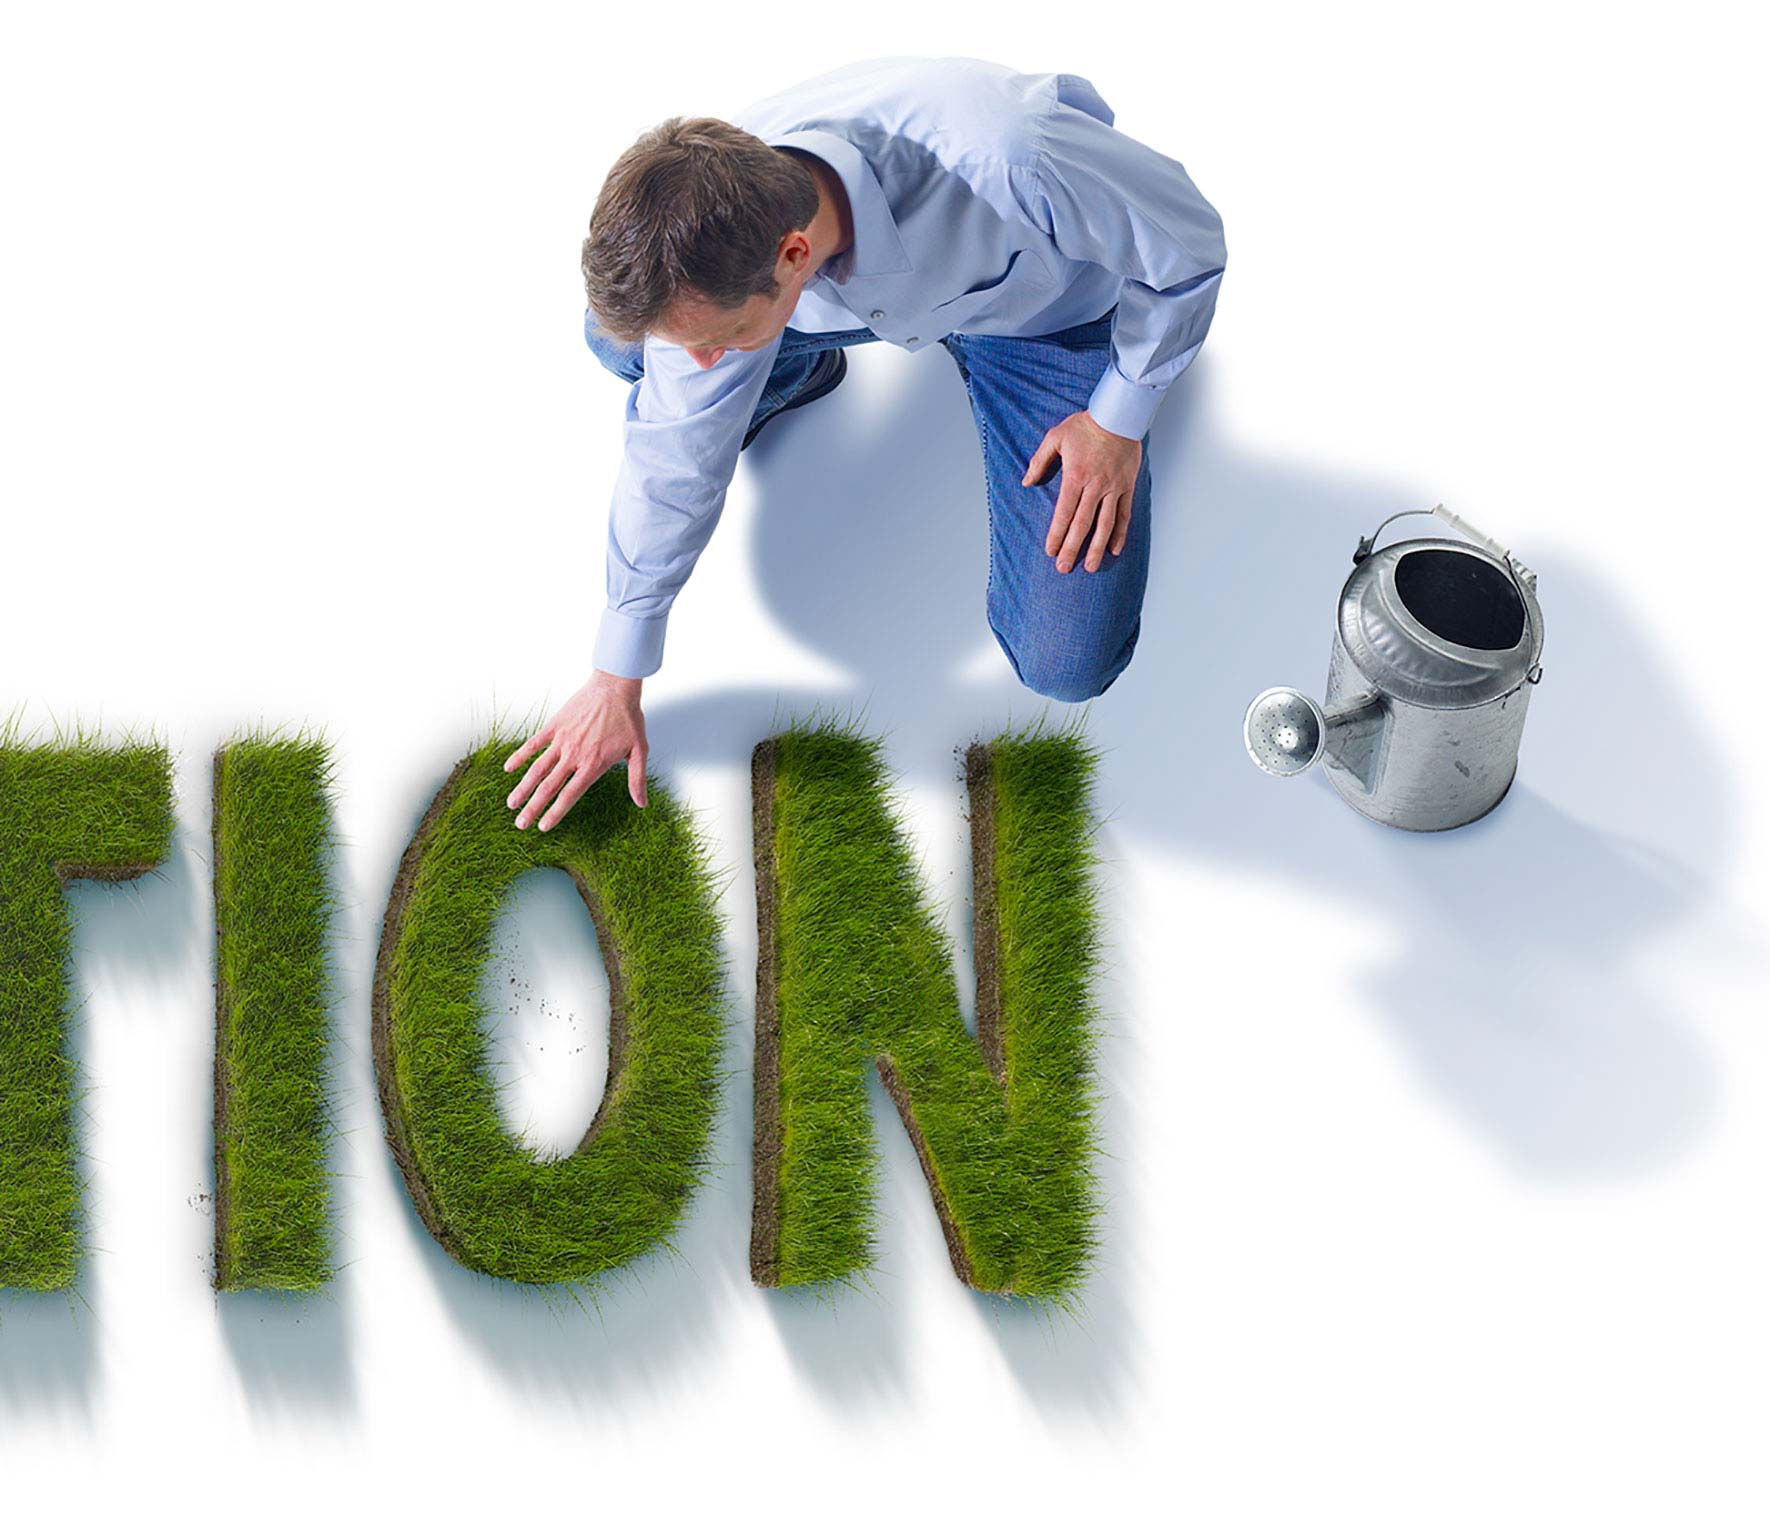 Information Man tending the green grass